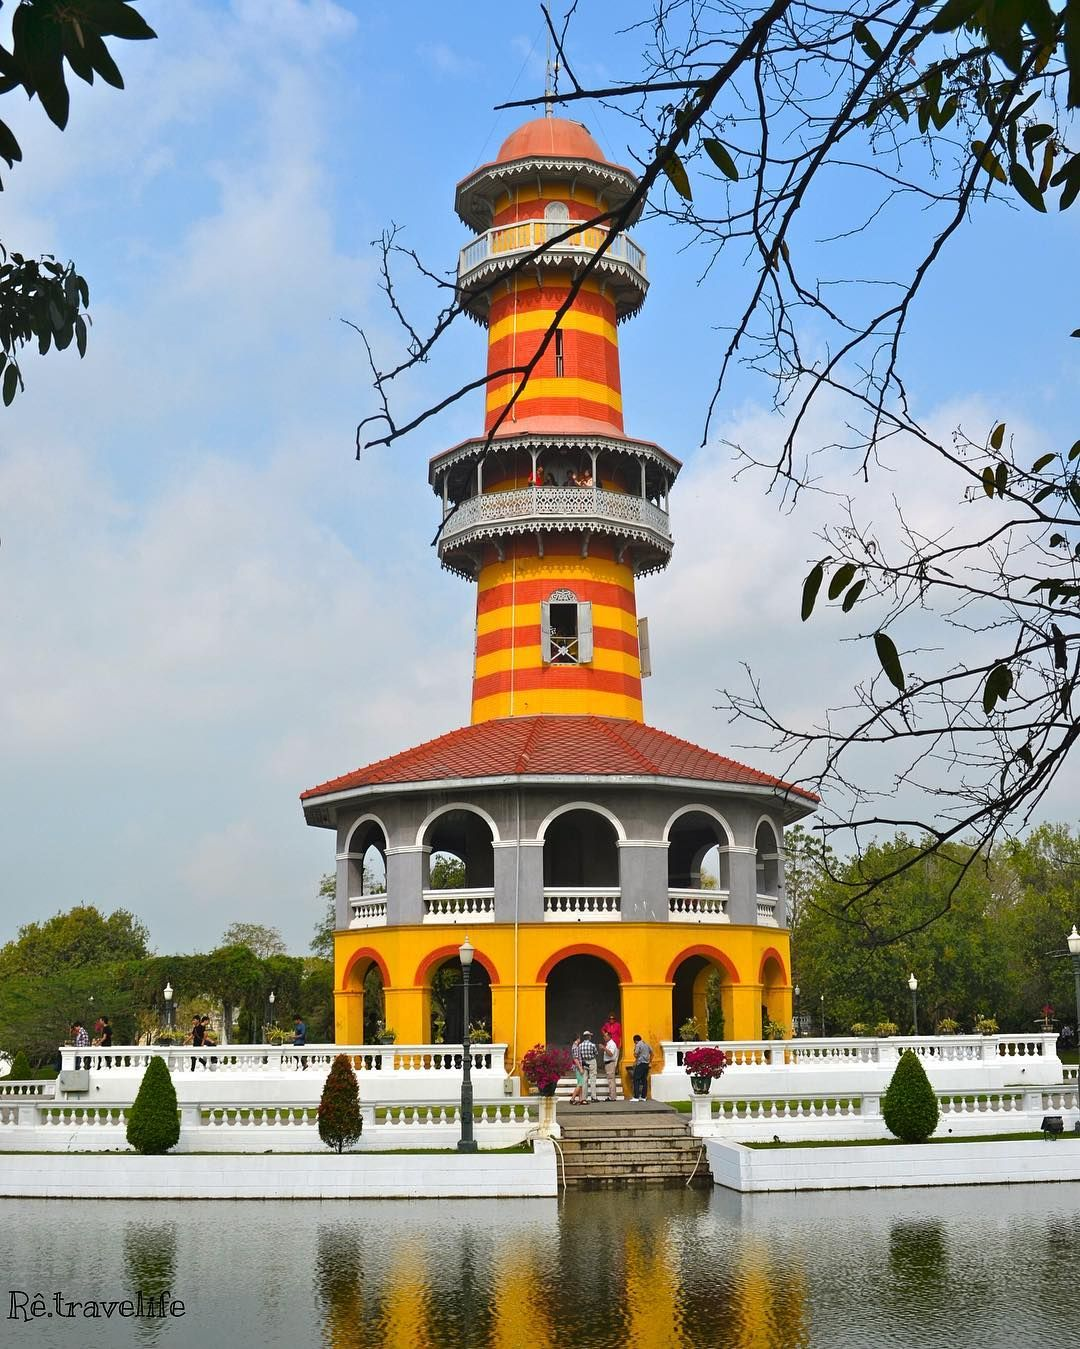 Bang Pa in Bagkok. Palácio Real de verão. Ho Withun Thasana - Uma torre em estilo de farol para observar o entorno do palácio.  #tailandia #viagemeturismo #colors_of_day #nikon_dslr_users  #destinosimperdiveis #besttrip #loucosporviagem #trippics #bestvacations #beautifuldestinations #respirofotografia #retrip  #meusdestinos #instatravel #lovetrip #tonatrip #fantrip #respirofotografia #missaovt #vamospraonde #melhoresdestinos #wonderful_places #beautifuldestinations #aquelasuaviagem…